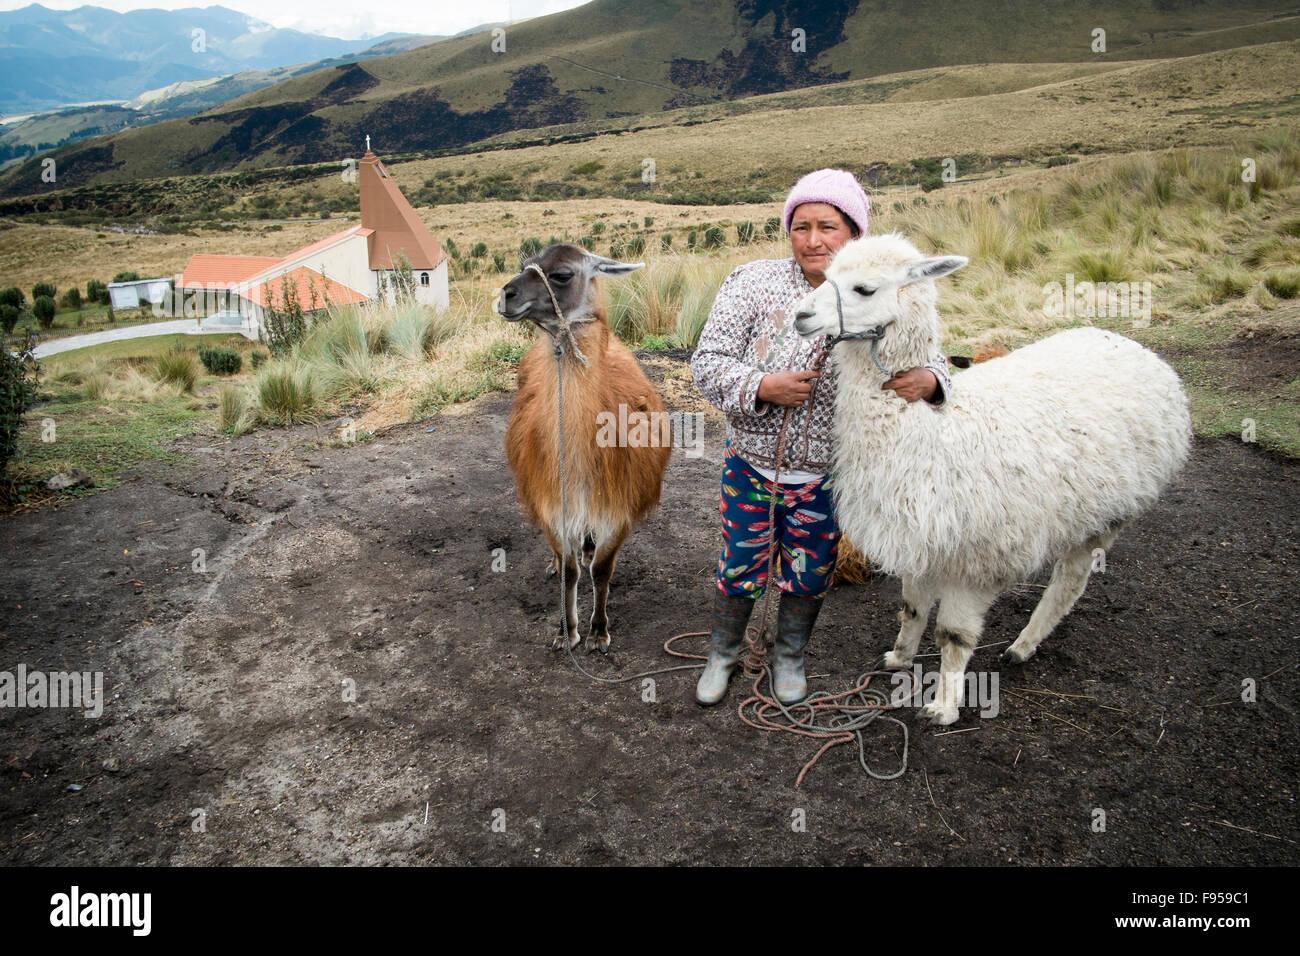 El lado oriental del volcán Pichincha , Quito Ecuador. Una mujer con sus alpacas Imagen De Stock